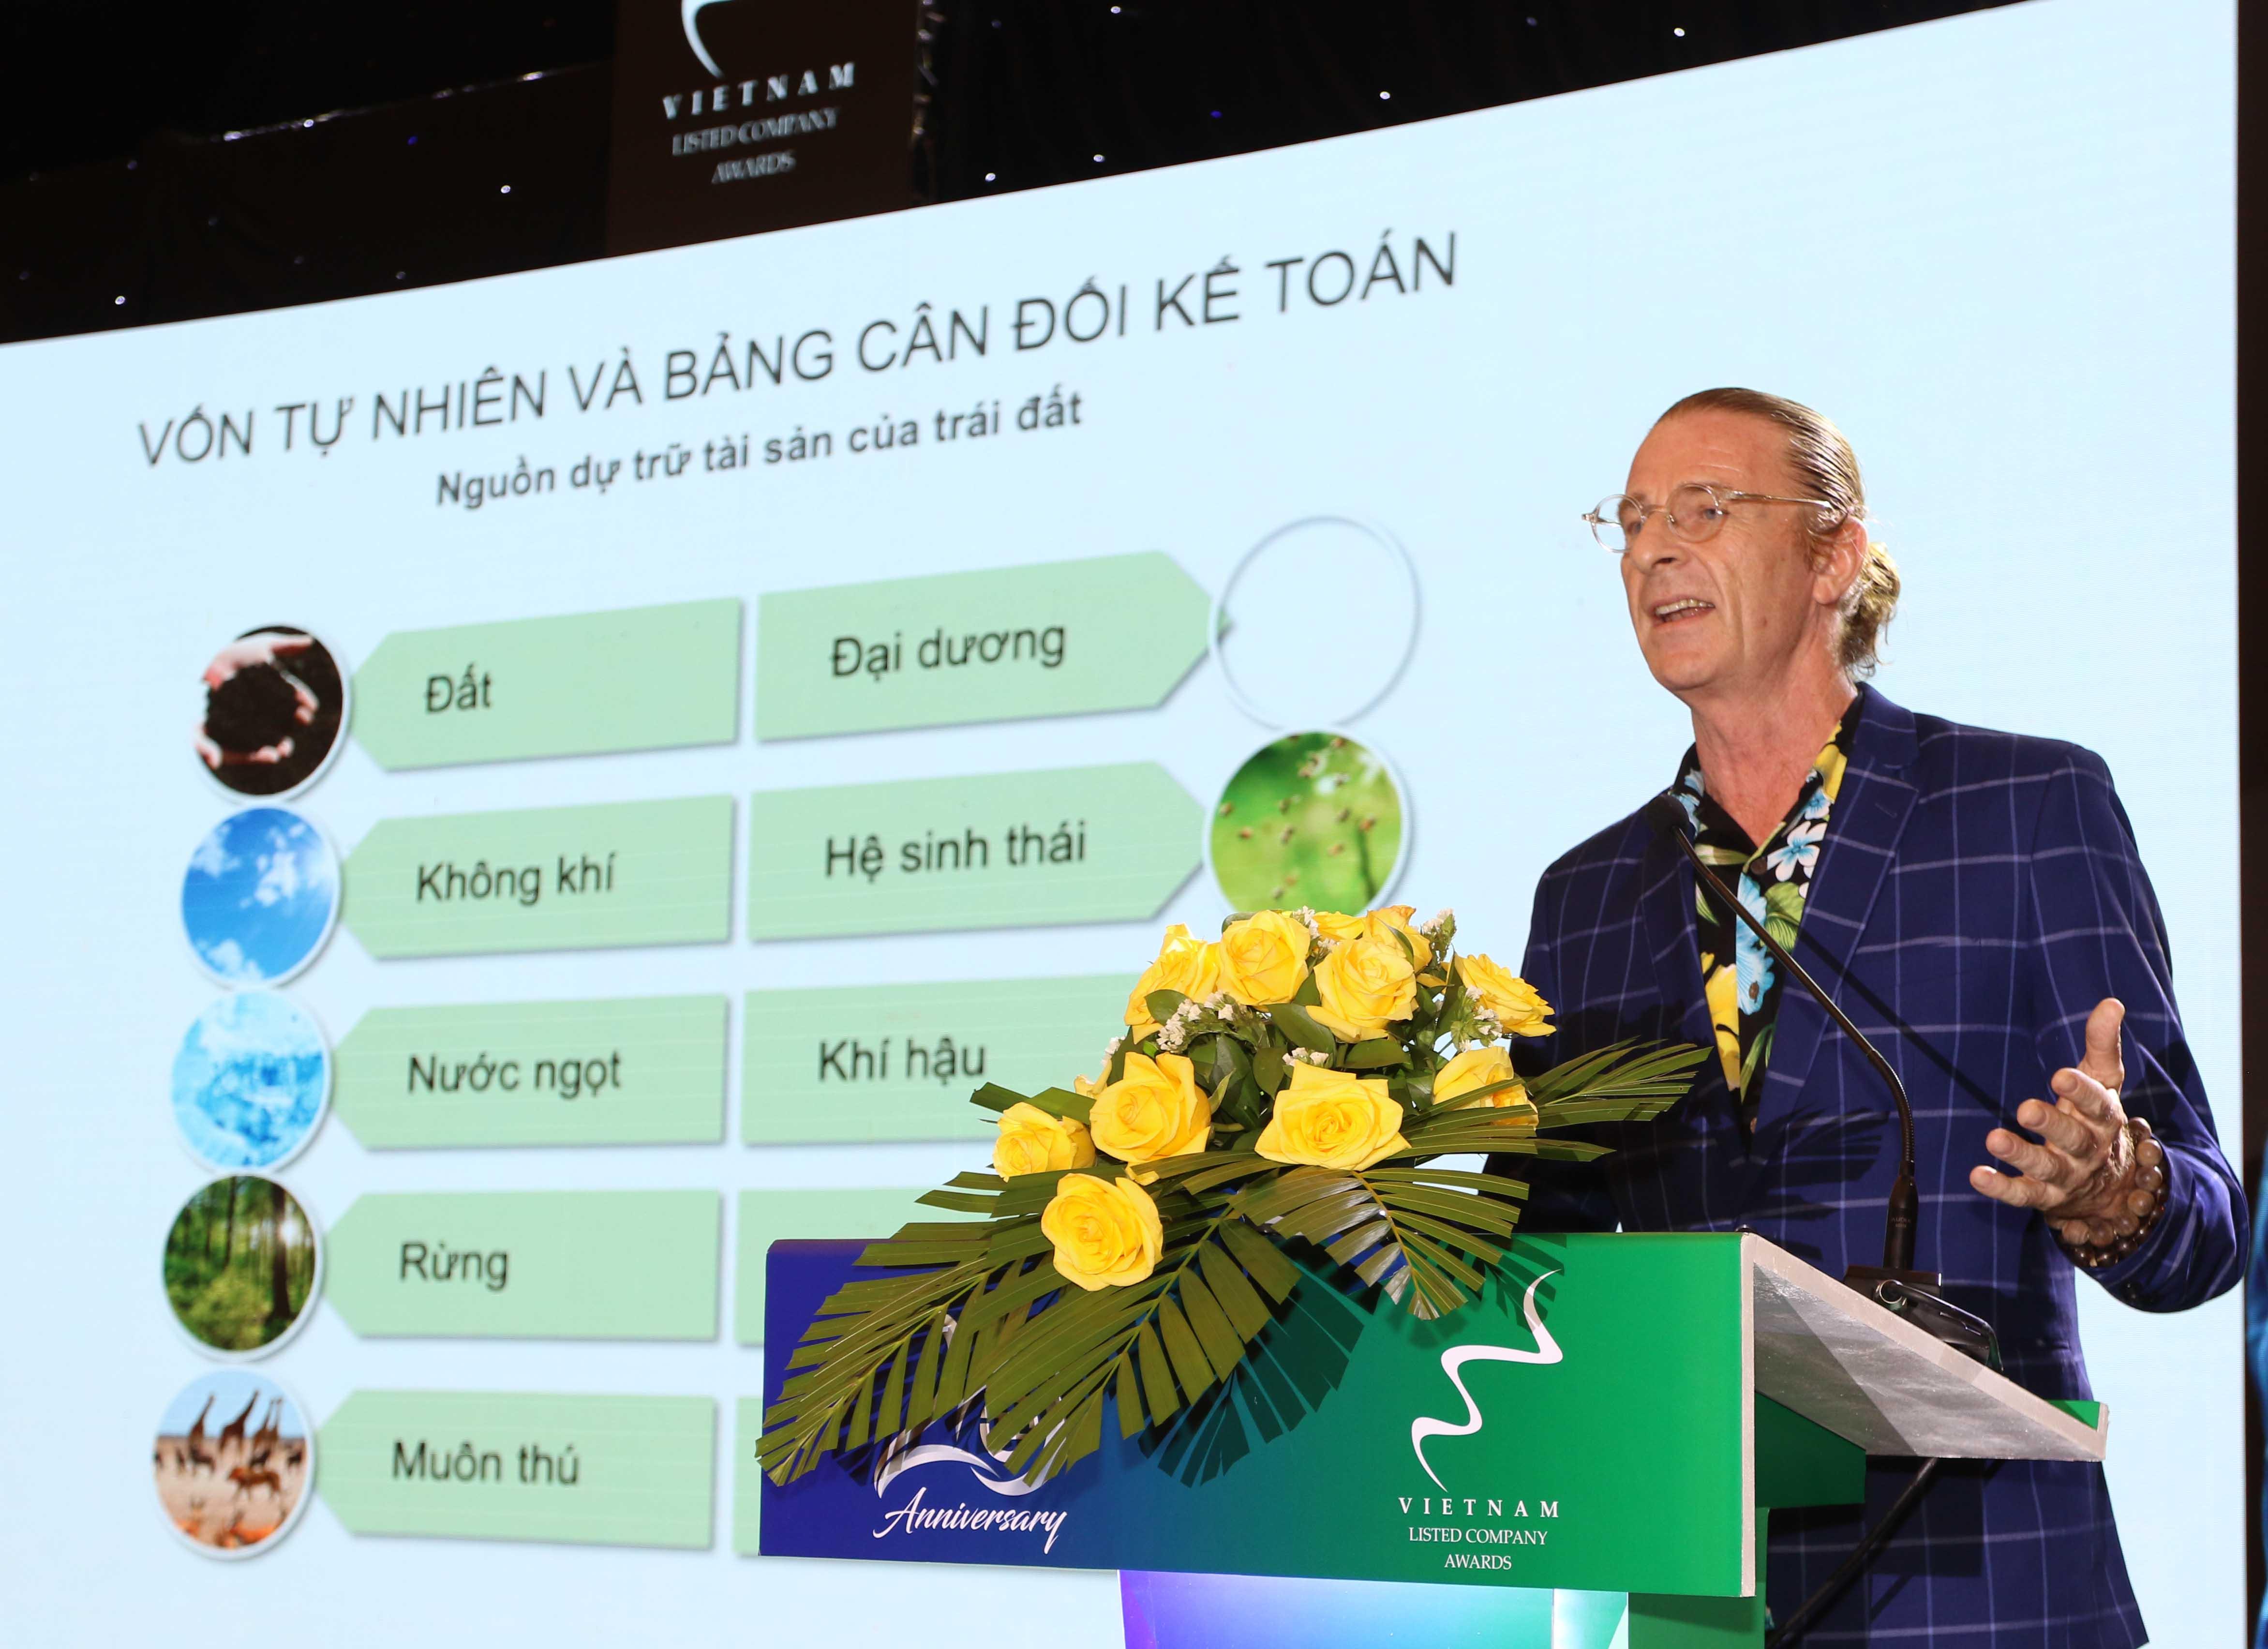 https://www.aravietnam.vn/wp-content/uploads/2020/12/9_Ông-Dominic-Scriven_OBE_Chủ-tịch-Công-ty-Dragon-Capital-trình-bày-Doanh-nghiệp-hướng-tới-phát-triển-bền-vững-trong-bối-cảnh-thế-giới-có-nhiều-biến-dộng.jpg